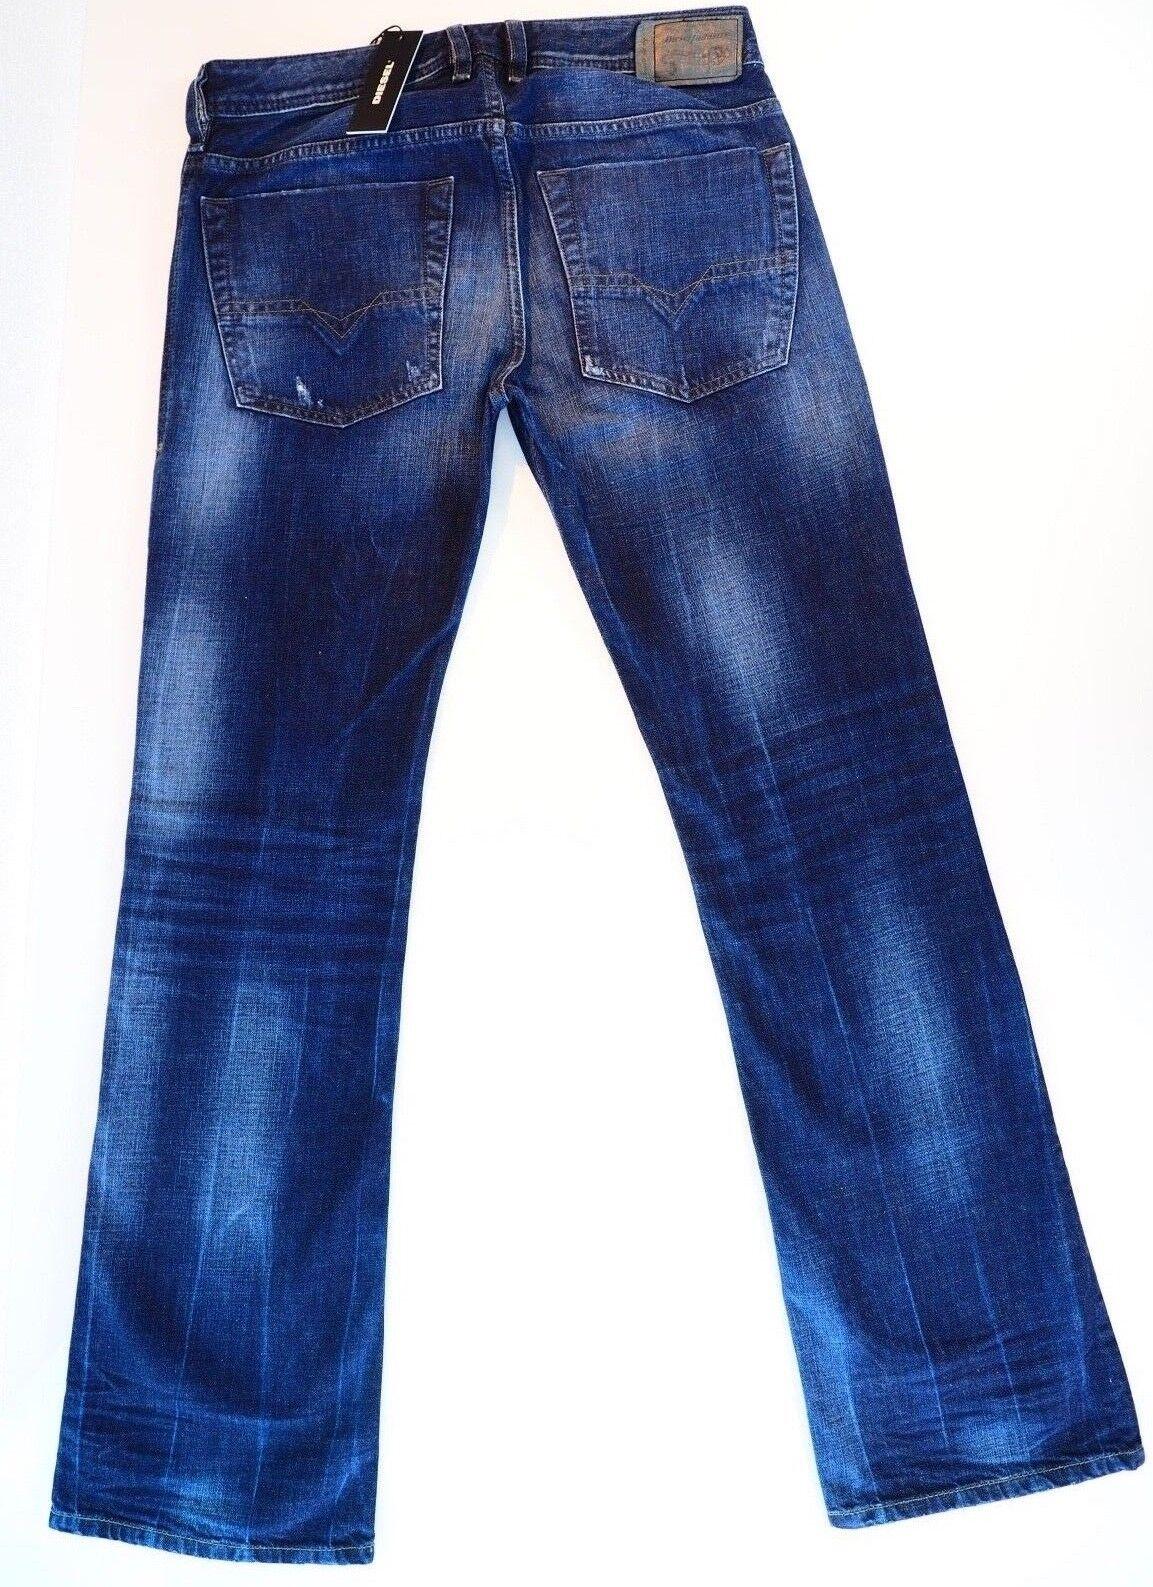 Diesel Zatiny Jeans W29 L32 New with tags Wash R831Q REGULAR BOOTCUT 29W 32L